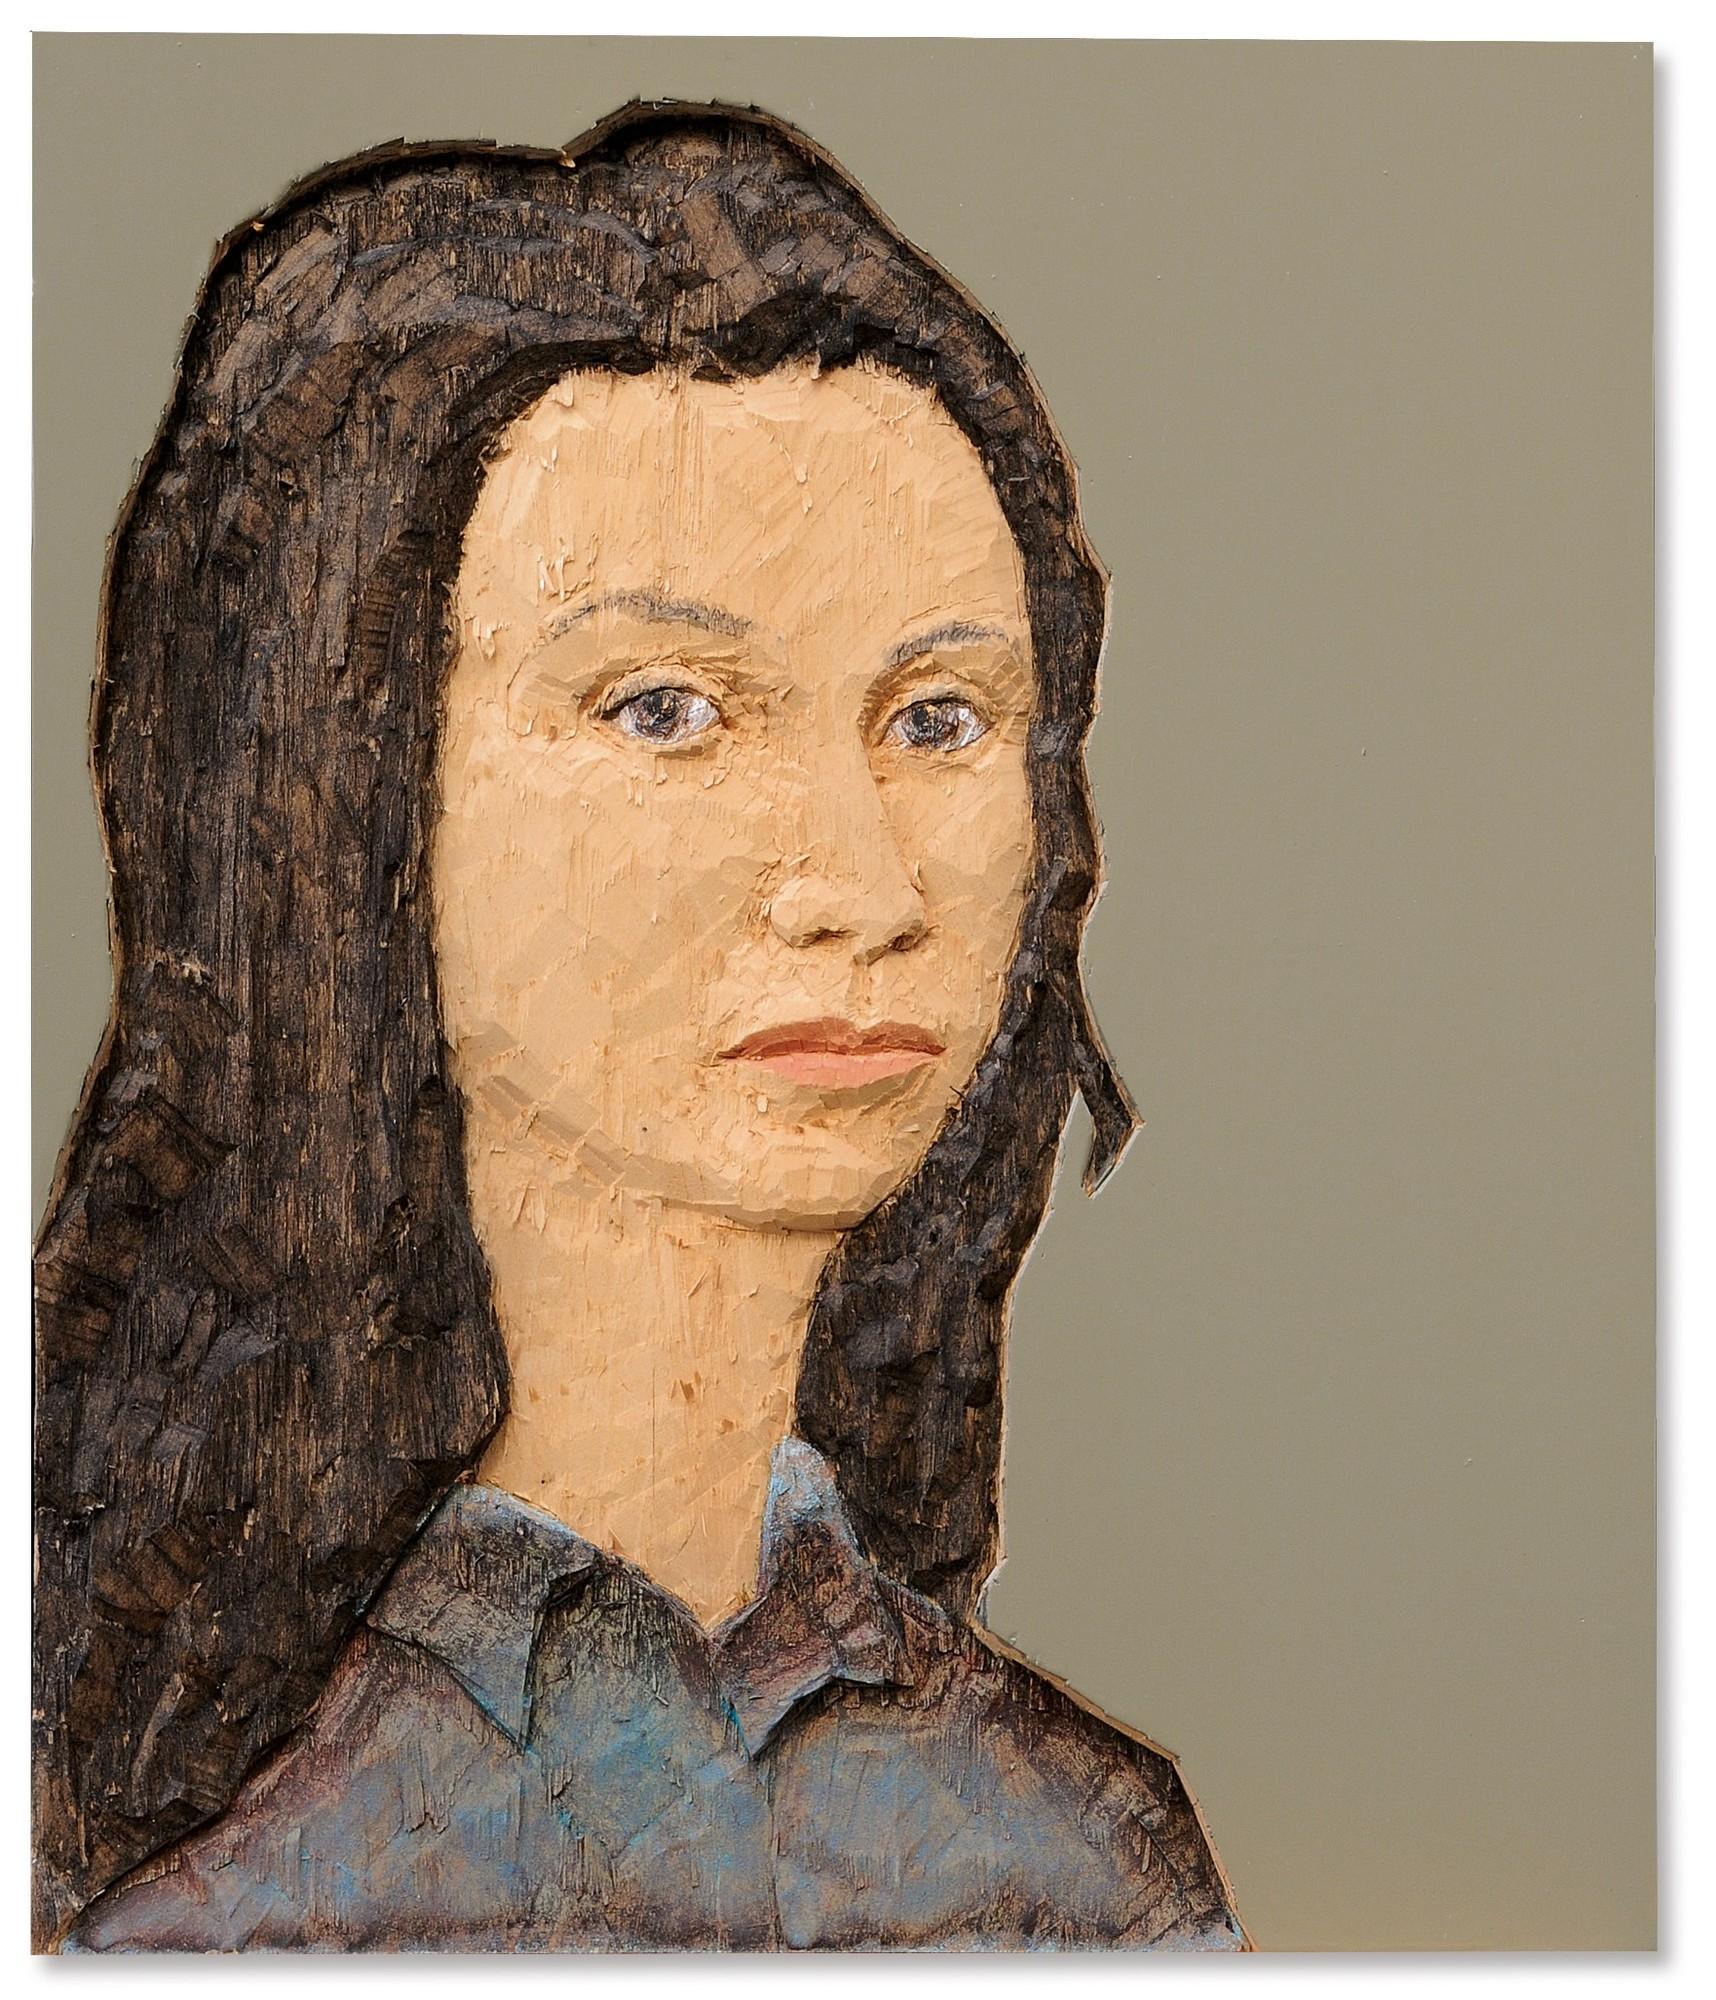 Stephan Balkenhol, Kopfrelief Frau  (Head Relief Woman)